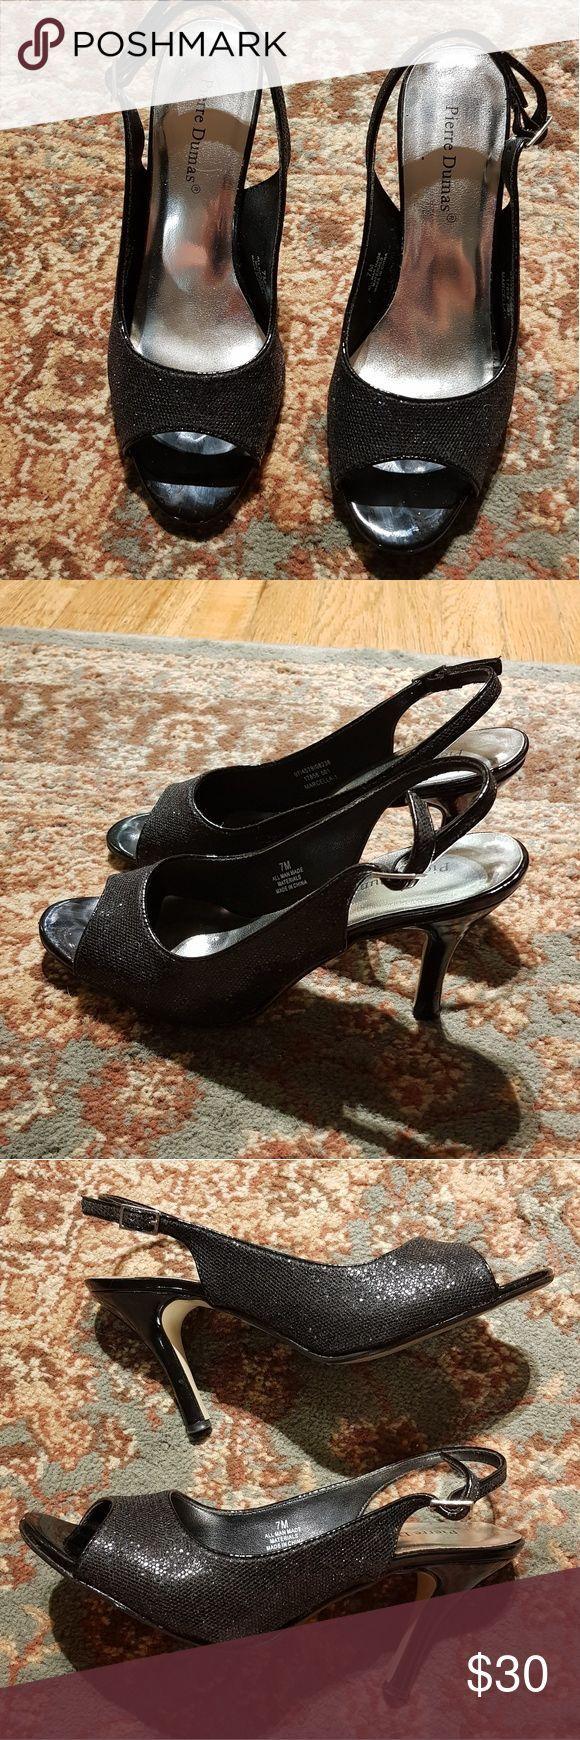 Pierre Dumas Sparkly Black Peeptoe Heels Sparkly zwarte peeptoe Heels met bandje…